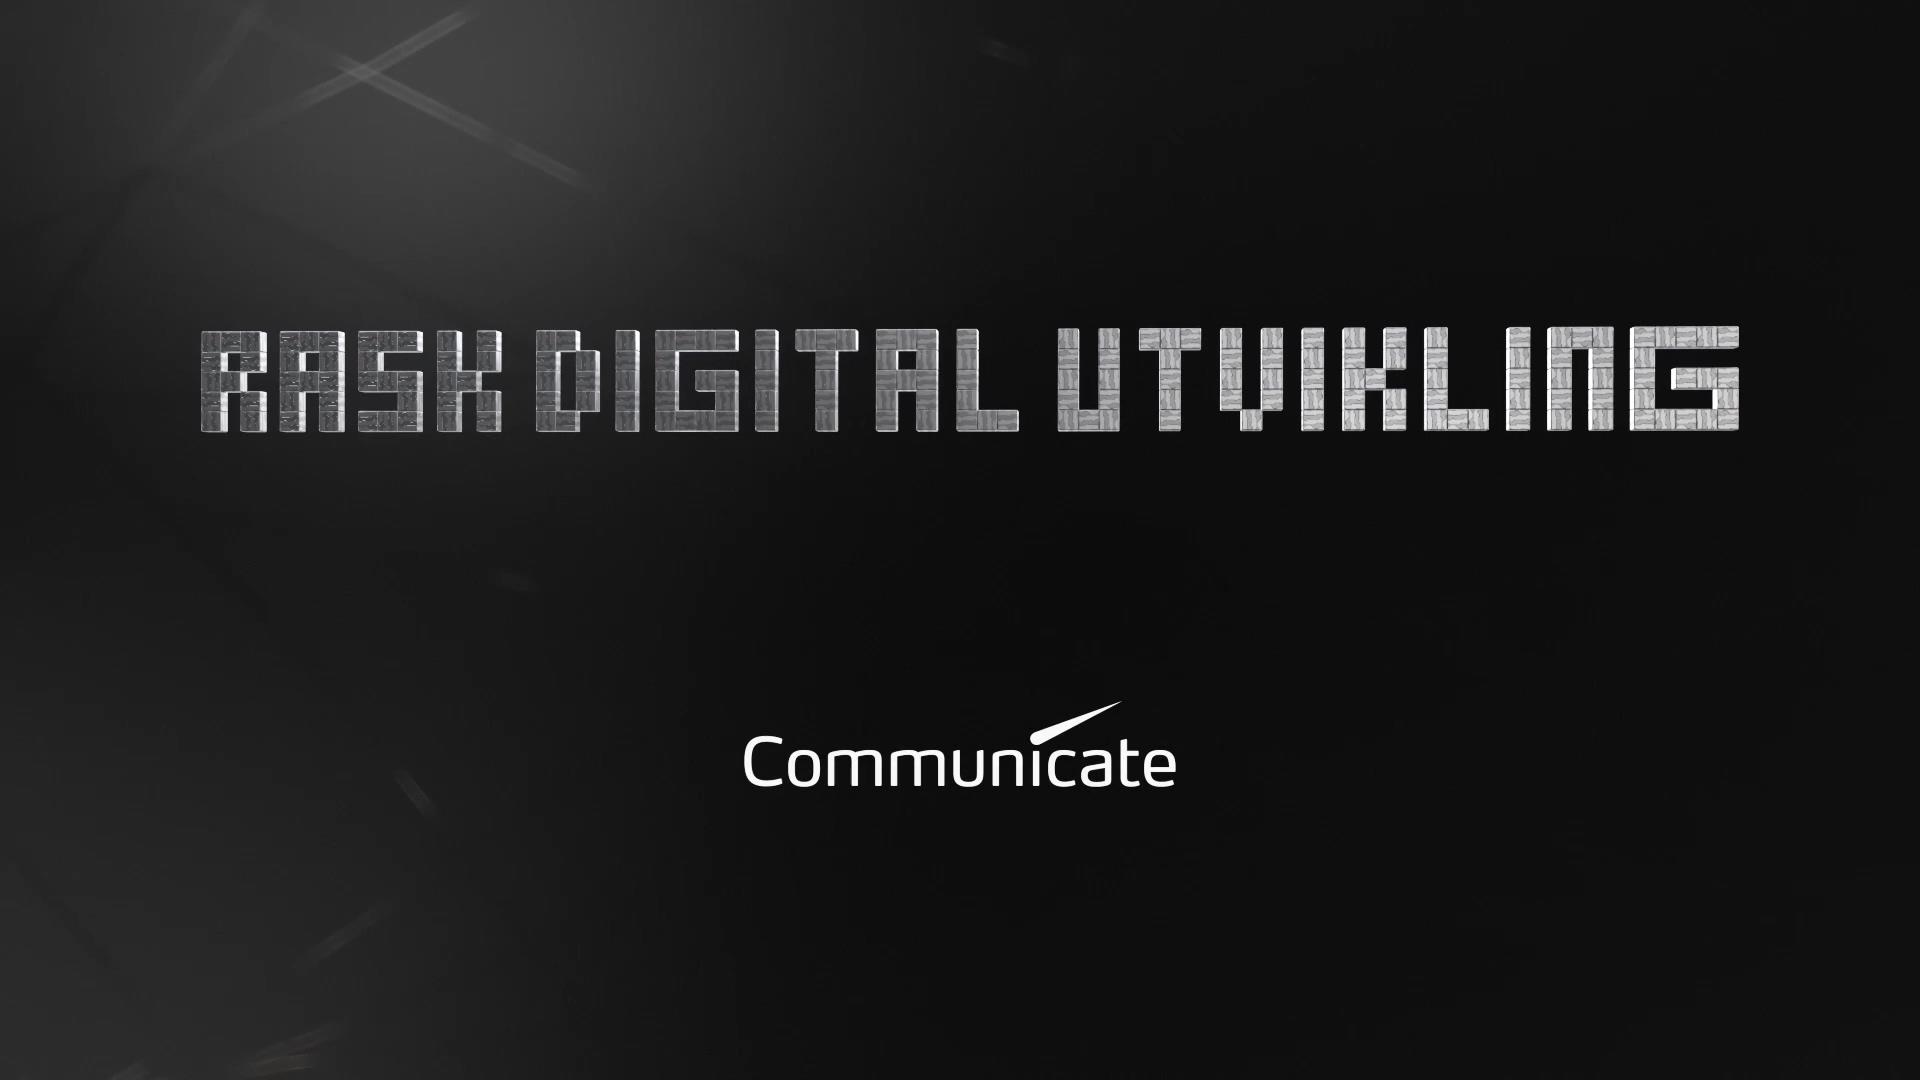 Communicate_Tjenesteplatform_Master03_H-264